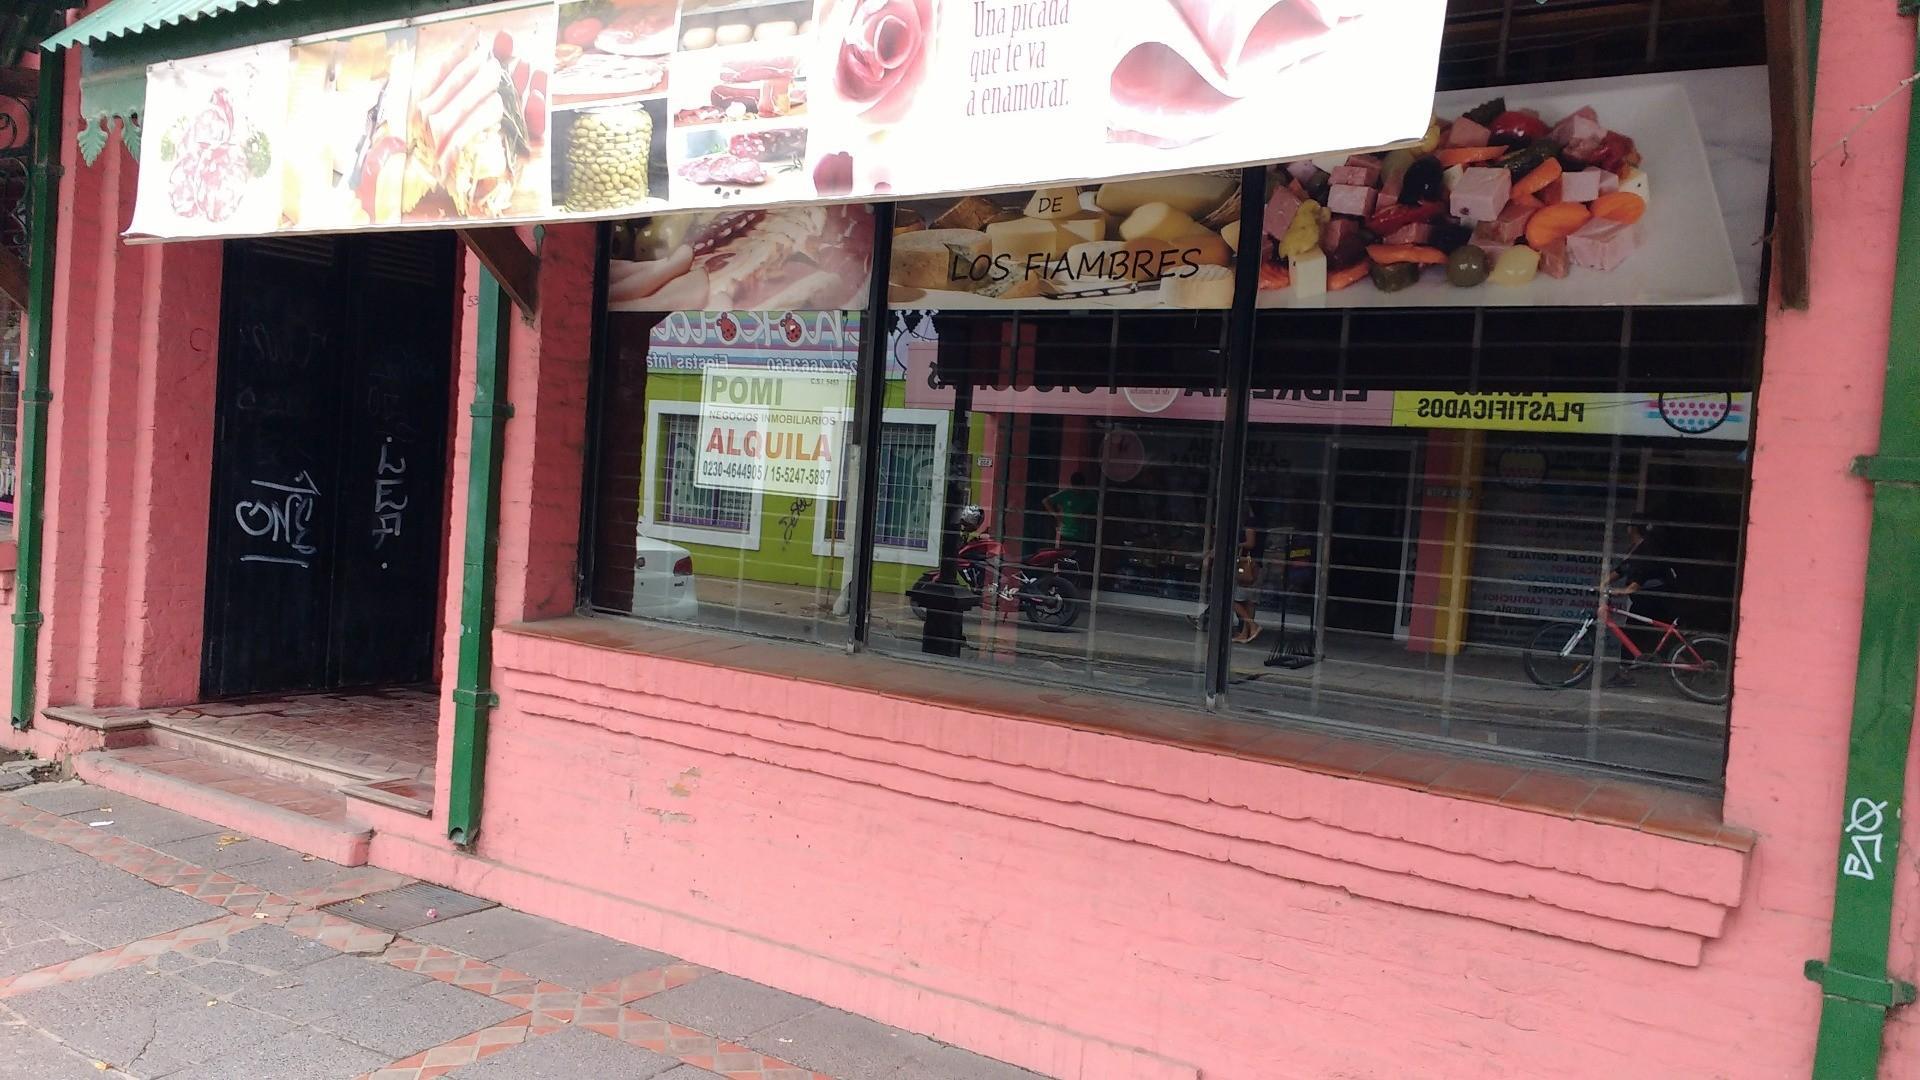 ALQUILER comercial LOCAL  PILAR CENTRO CALLE SAN MARTIN 500 A UNA CUADRA DE PLAZA.